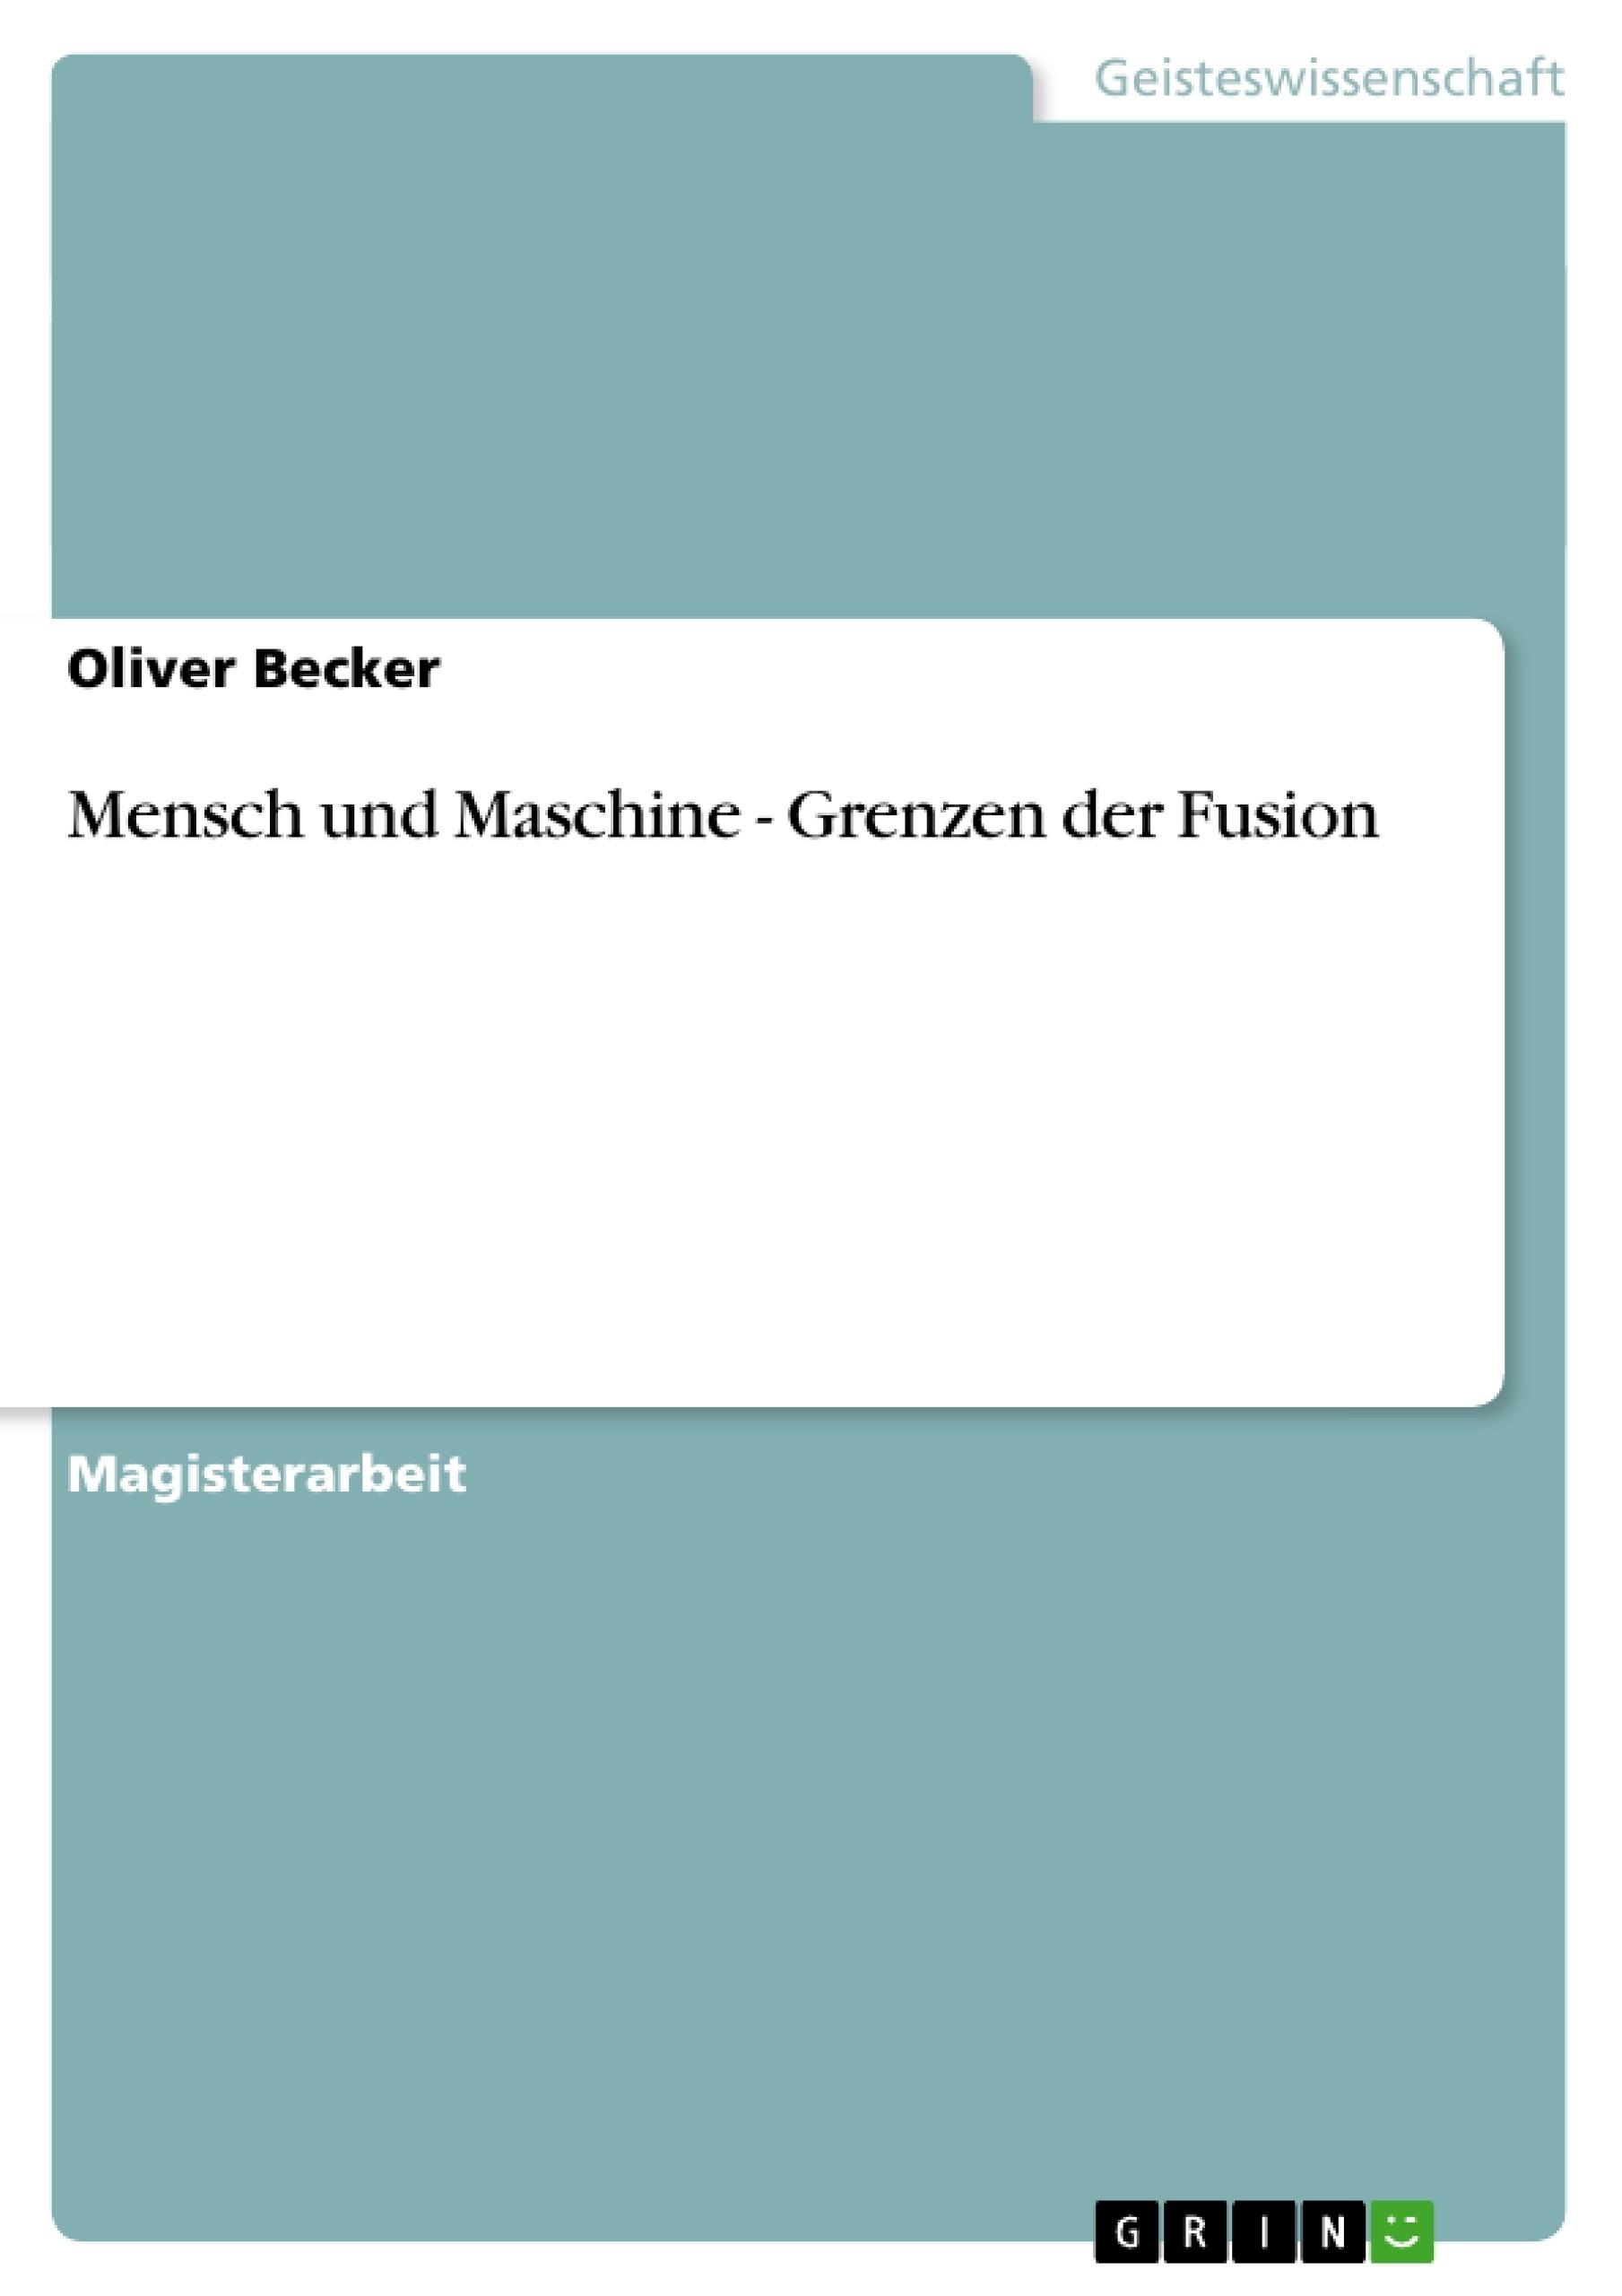 Titel: Mensch und Maschine - Grenzen der Fusion